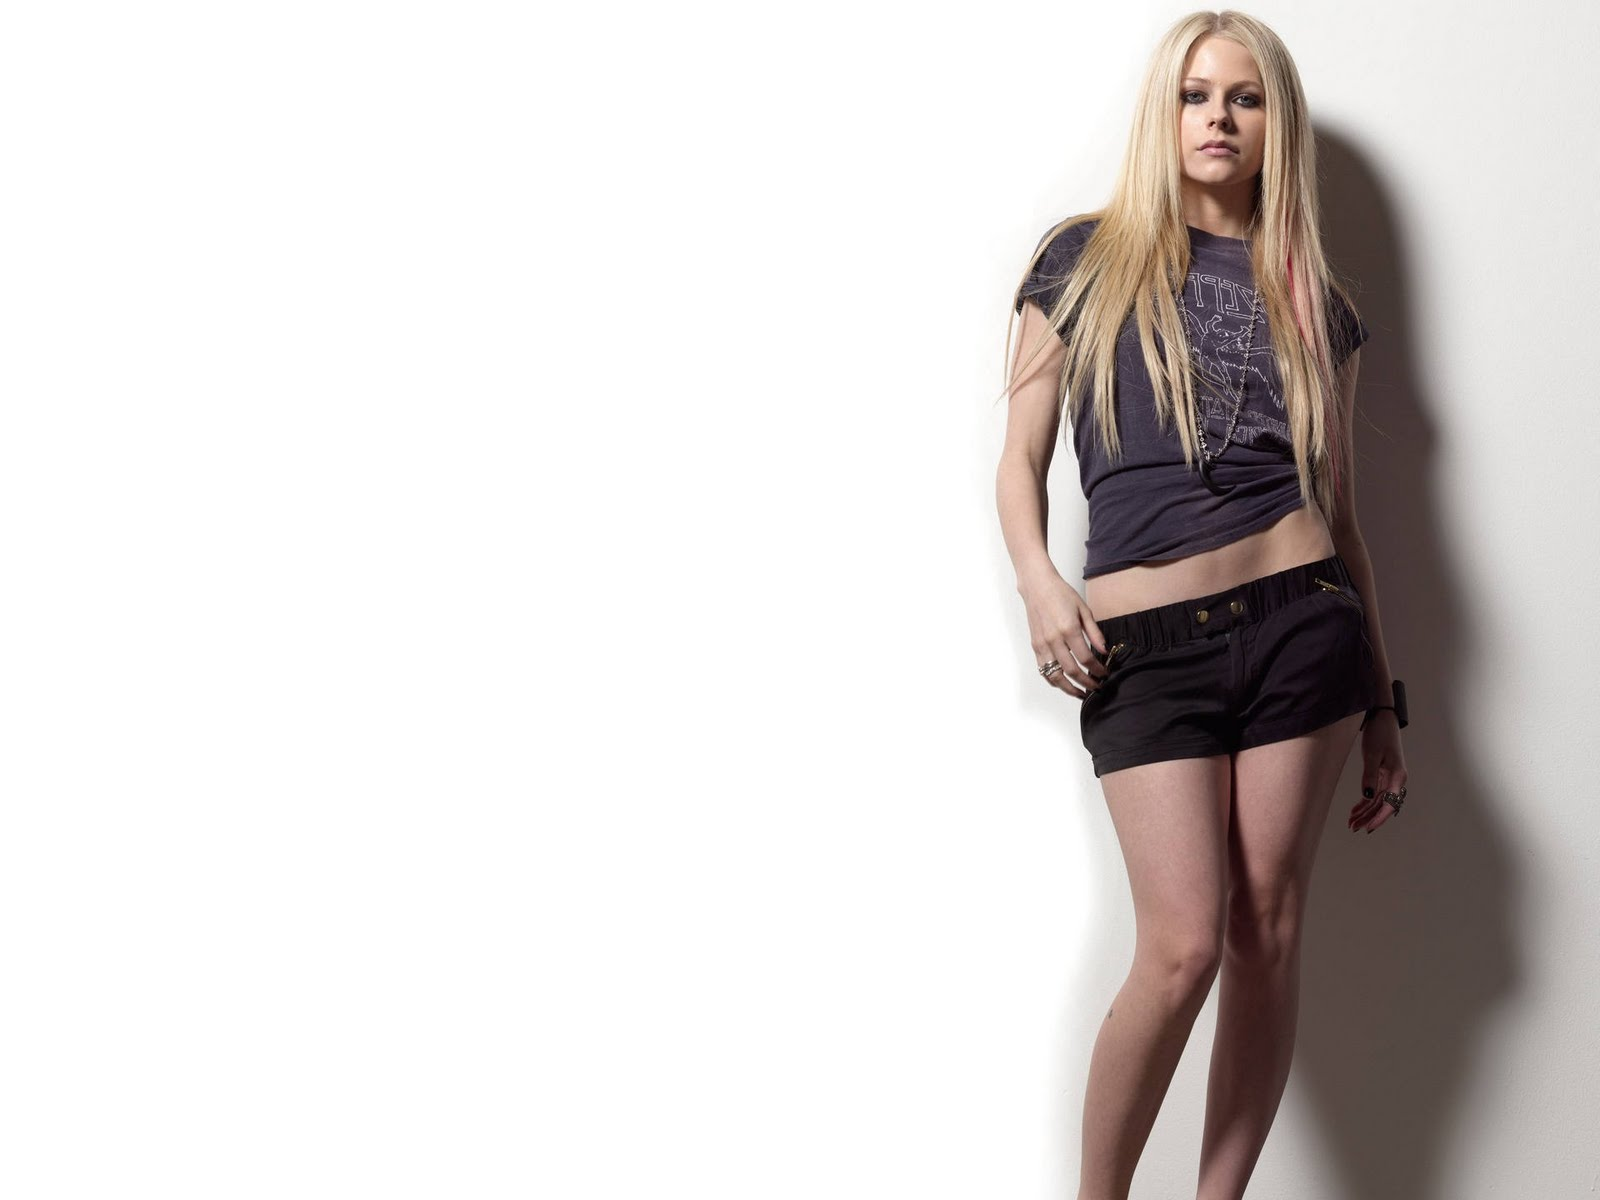 http://4.bp.blogspot.com/_6QURoNy4-5k/S-RssYIYHlI/AAAAAAAAE2U/ZAD1hA8dIAw/s1600/11-Avril+Lavigne.jpg